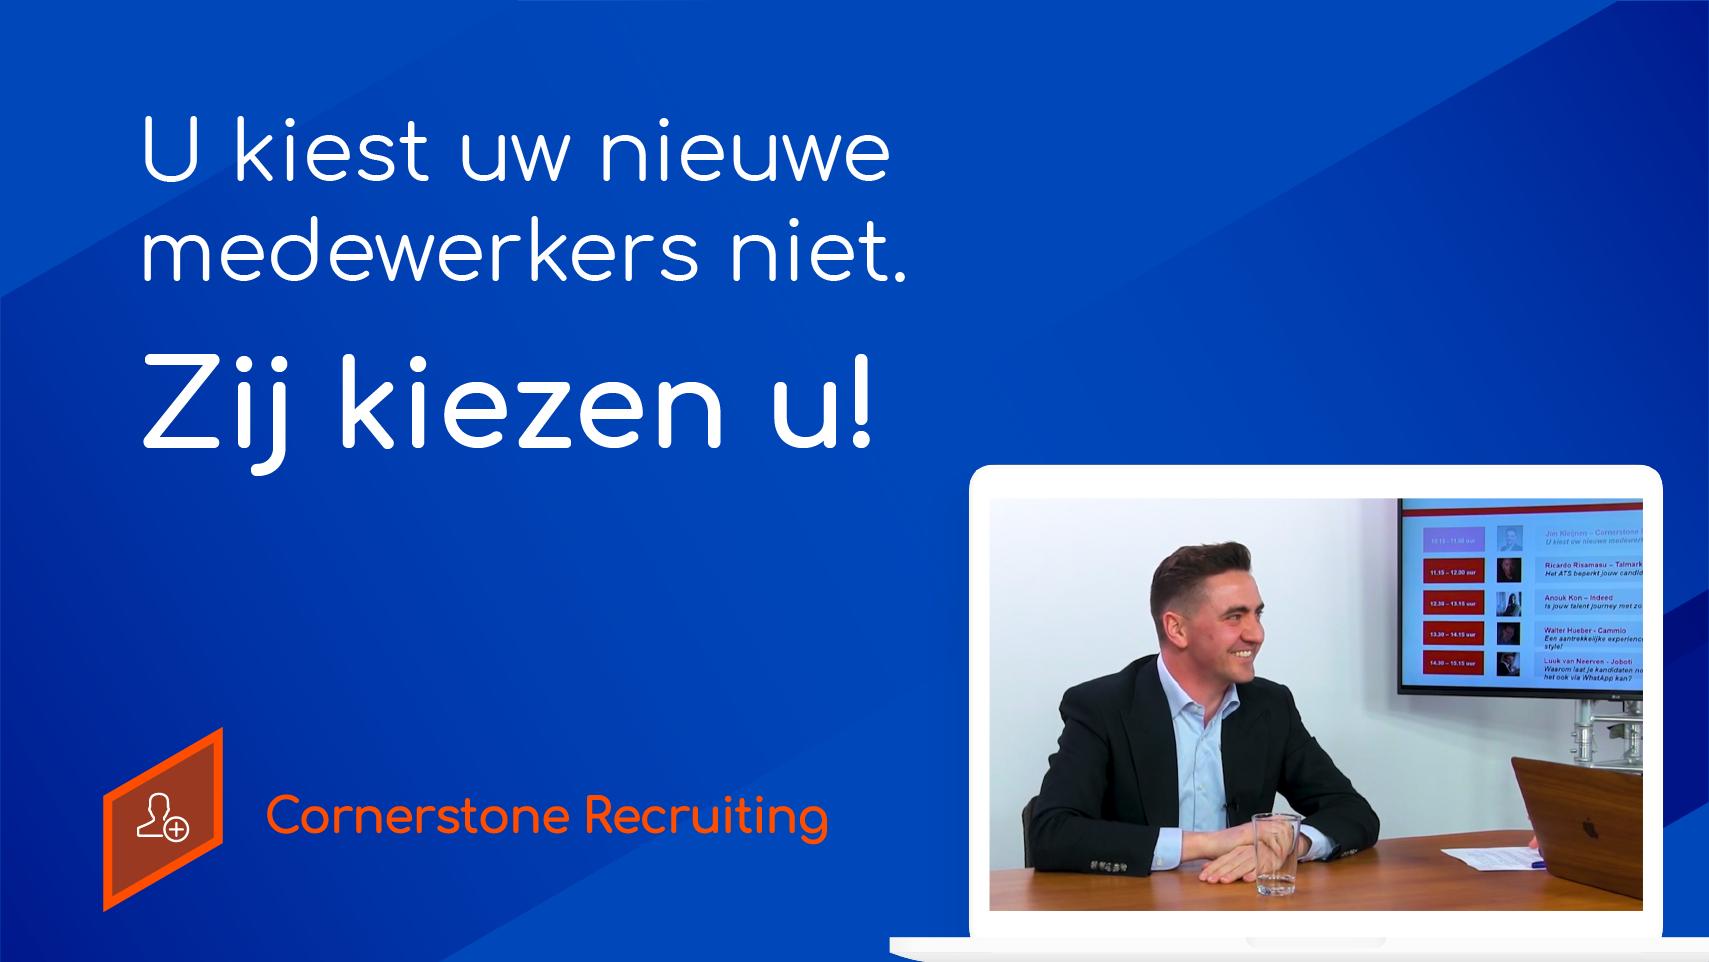 (NL) U kiest uw nieuwe medewerkers niet. Zij kiezen u!